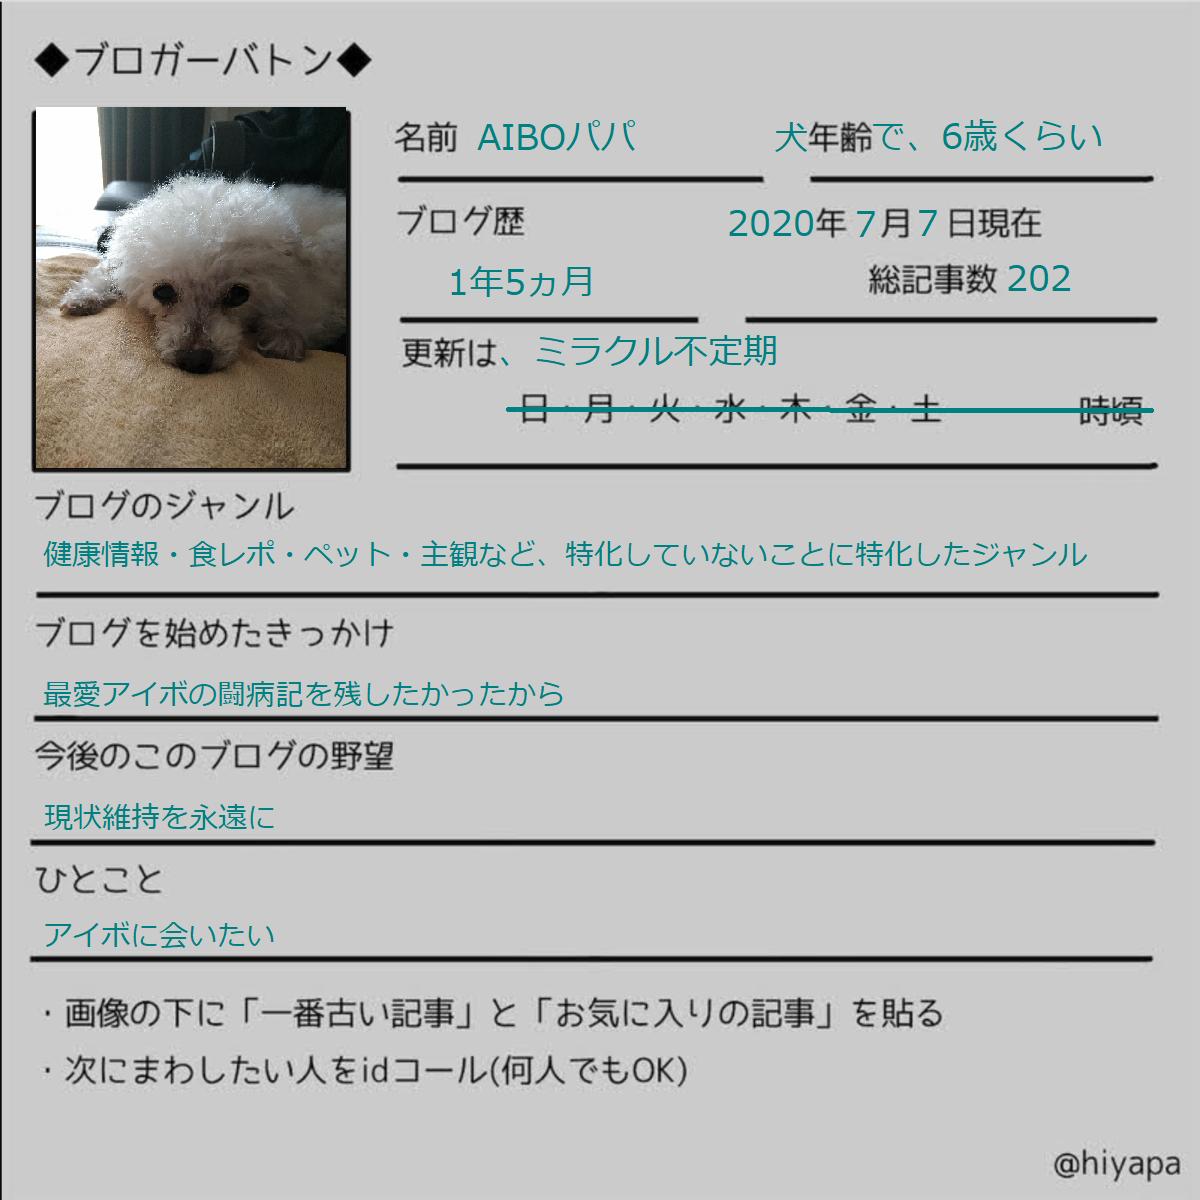 f:id:daiki-em:20200707125007p:plain